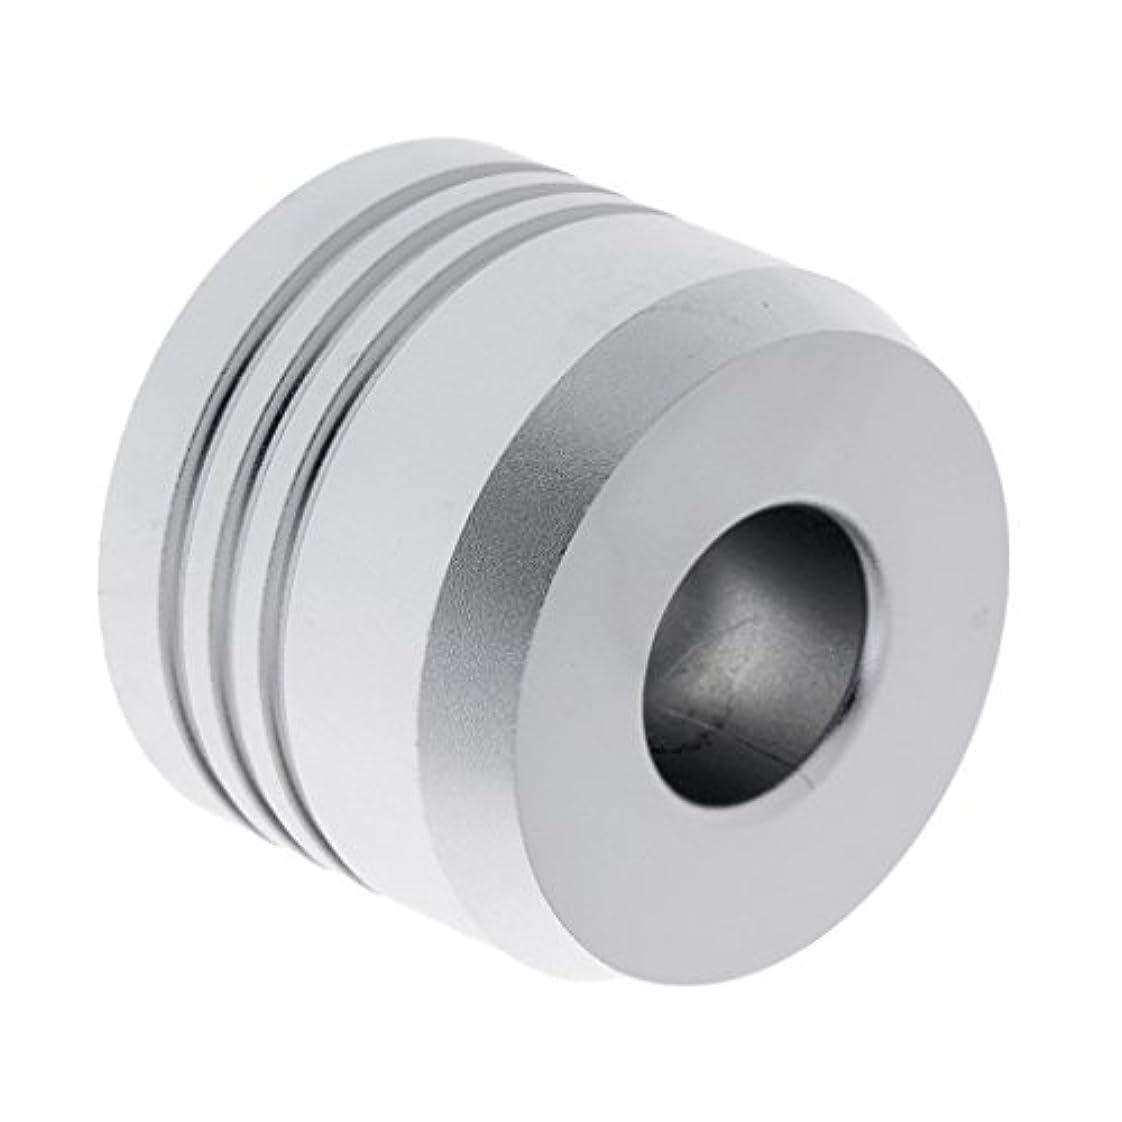 有益な酸度不潔Kesoto セーフティカミソリスタンド スタンド メンズ シェービング カミソリホルダー サポート 調節可能 シェーバーベース 2色選べ   - 銀